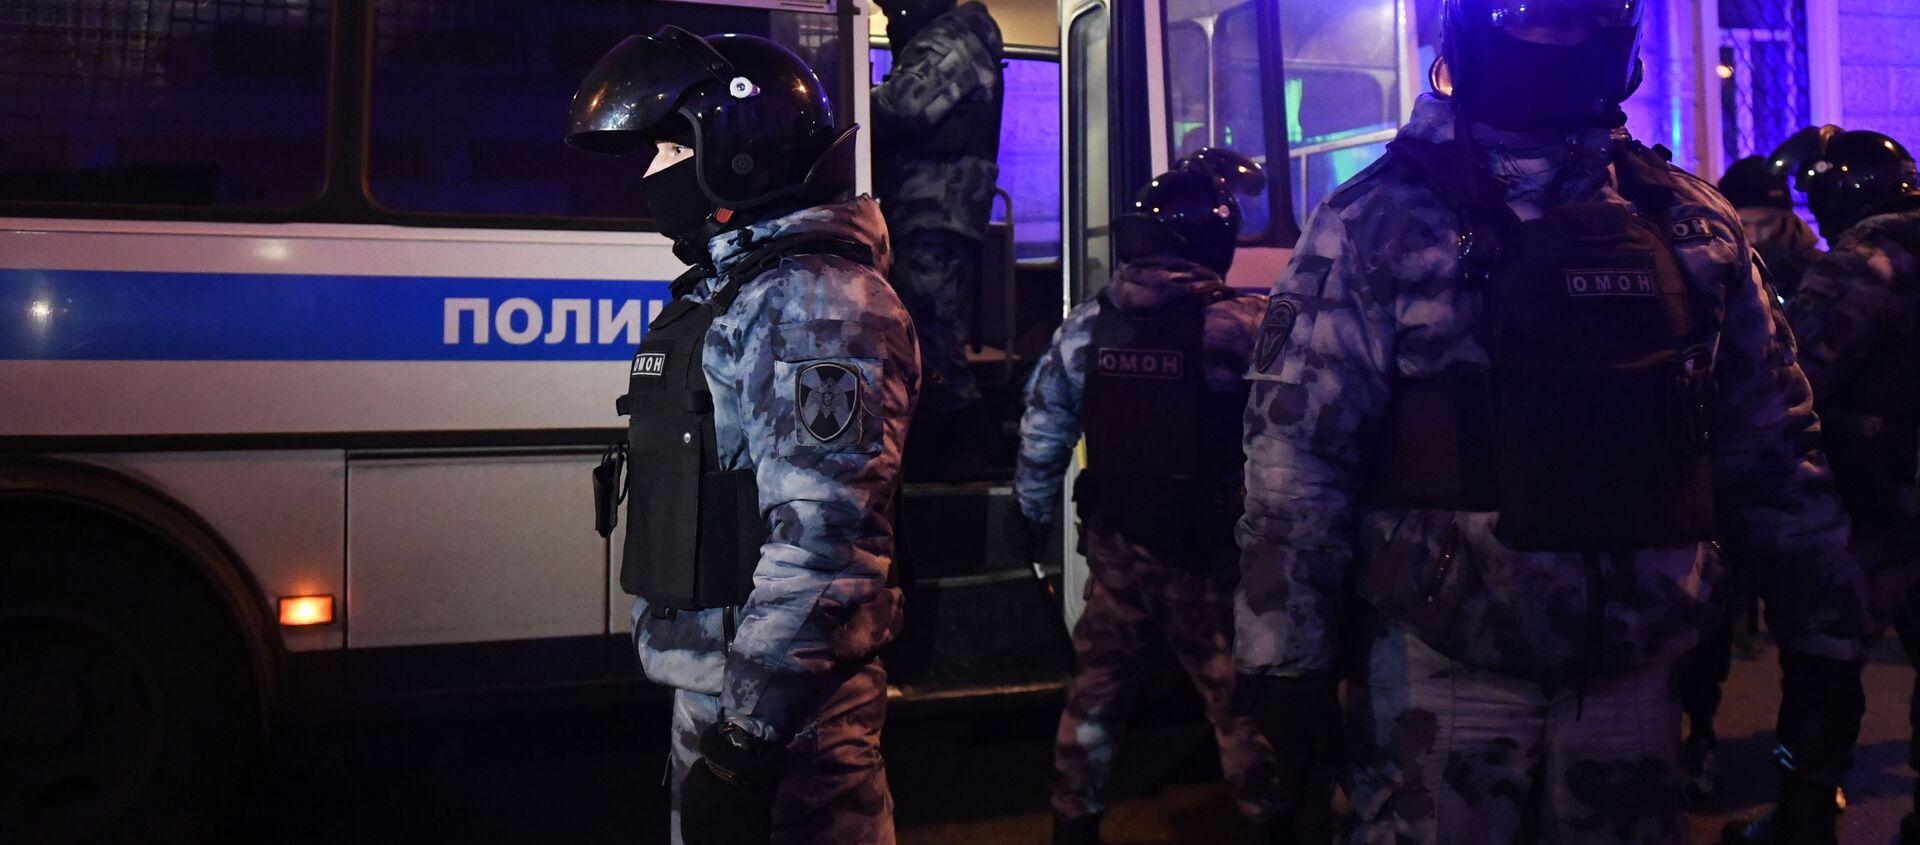 Protesty zwolenników Aleksieja Nawalnego w Moskwie. Działania OMON - Sputnik Polska, 1920, 11.02.2021